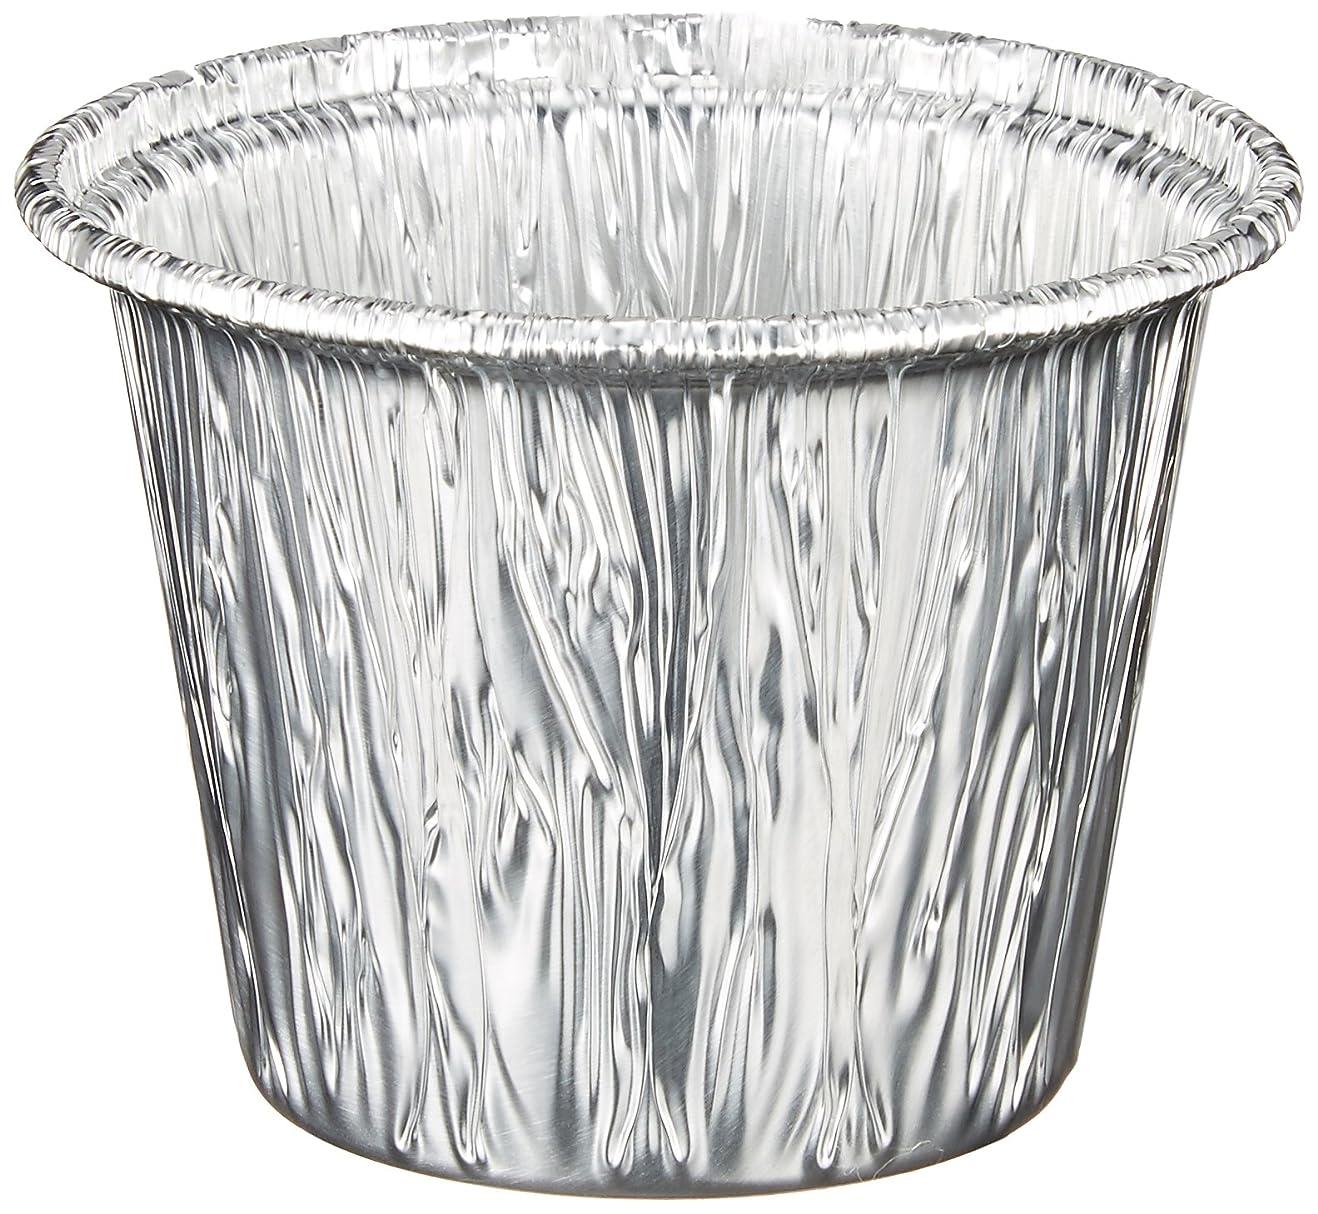 非常に怒っています敬意を表するローラーアズワン アルミカップ (100mL)(100個入り) /5-075-02